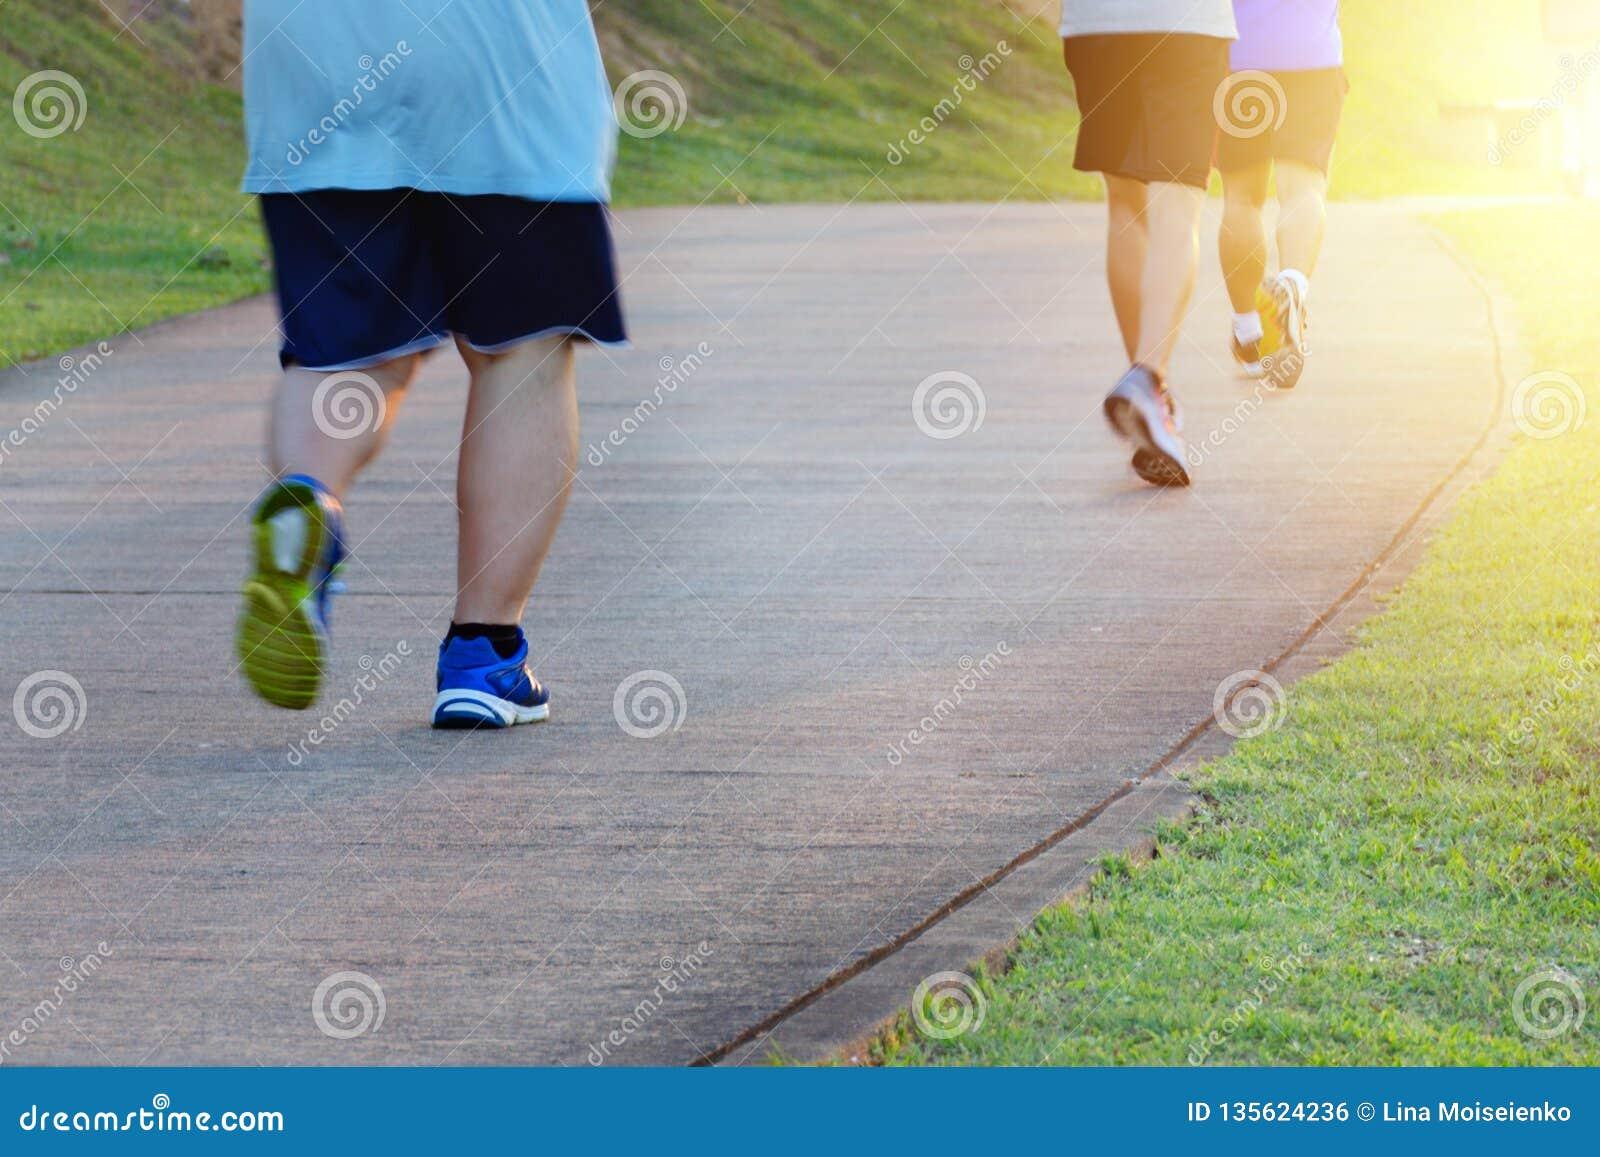 Παχύ ατόμων, που προφθάνει τα λεπτά άτομα Ικανότητα και υγιής τρόπος ζωής, υπαίθρια αθλητική δραστηριότητα